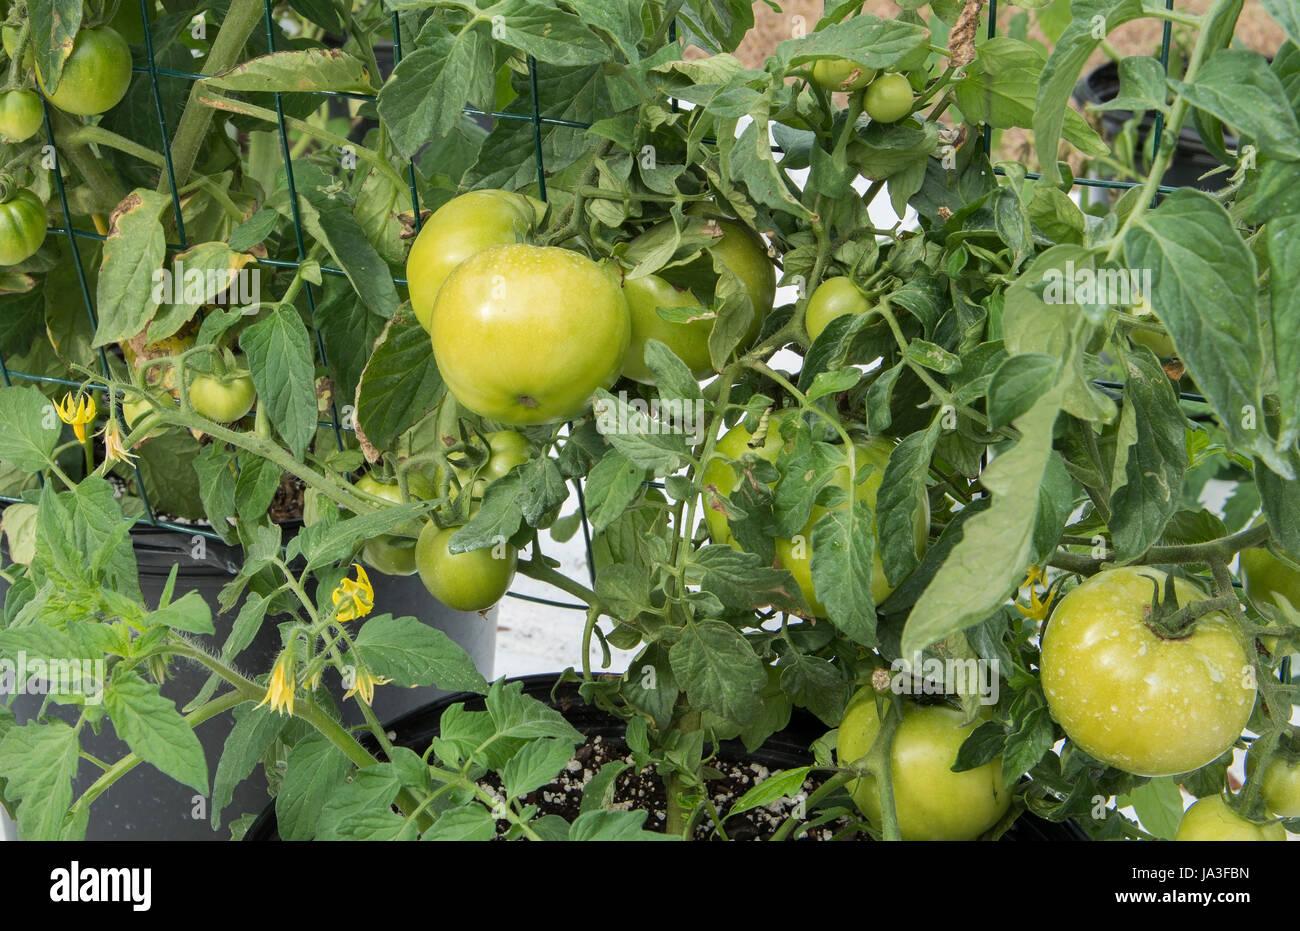 Central Florida home bio jardin avec des plants de tomates et de légumes à l'arrière-cour pour une saine alimentation Banque D'Images